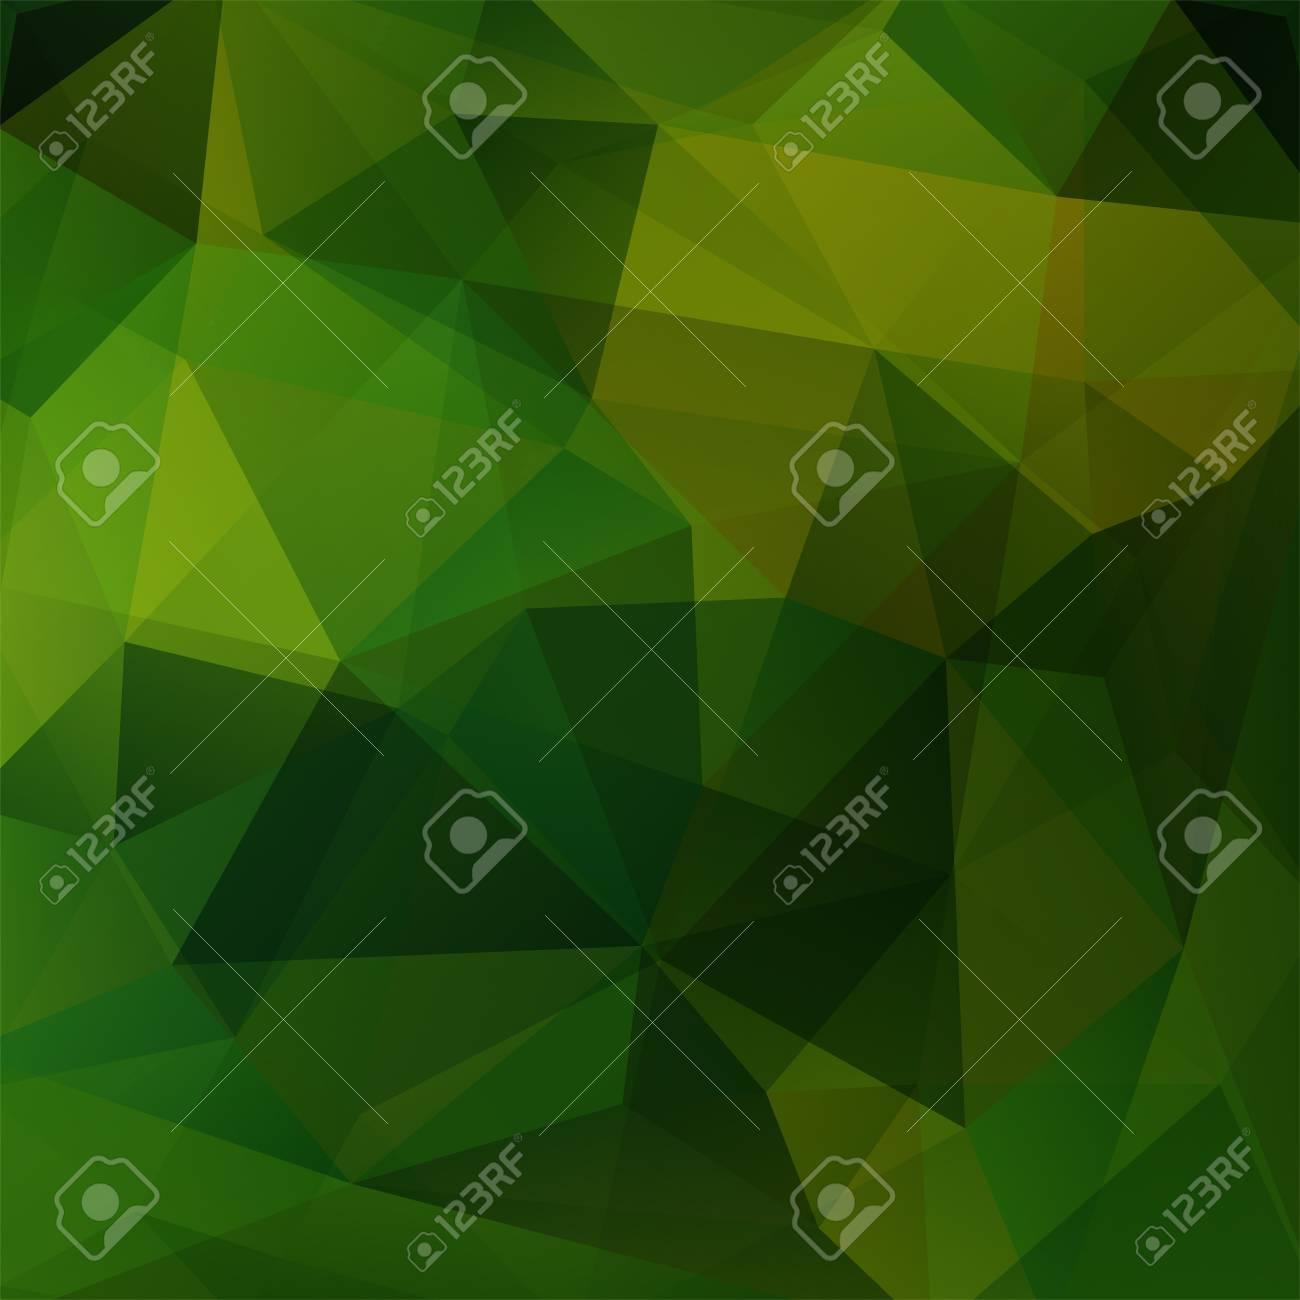 Patron Geometrico Poligono Triangulos Vector De Fondo En Tonos - Tonos-verde